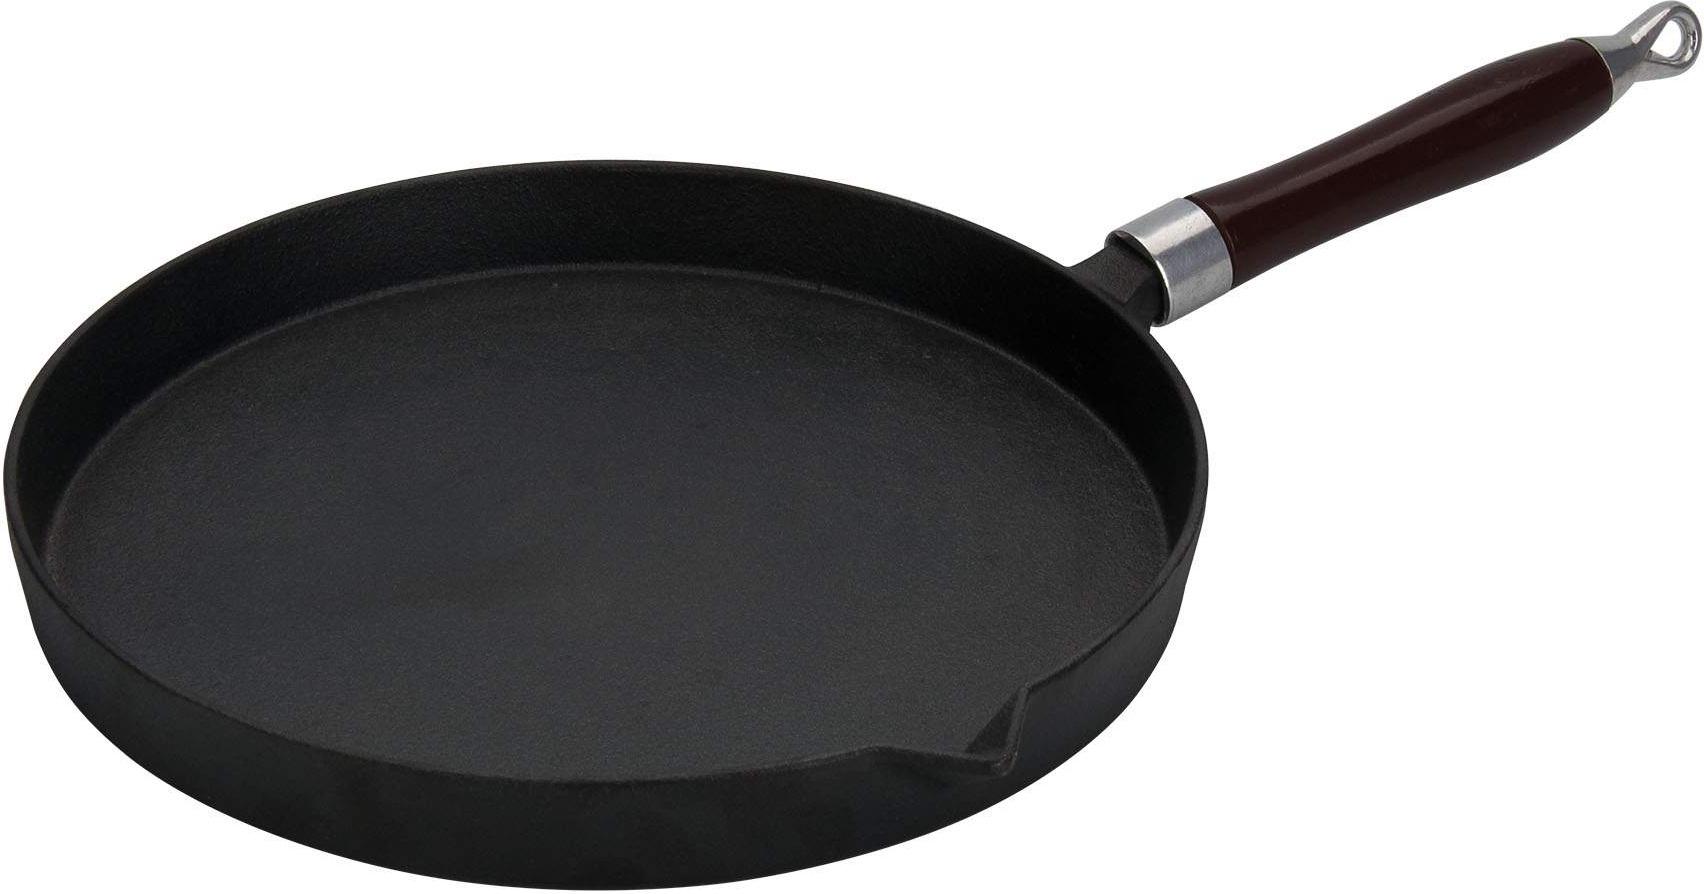 Сковорода REGENT inox Ferro 93-FE-5-26 26 см